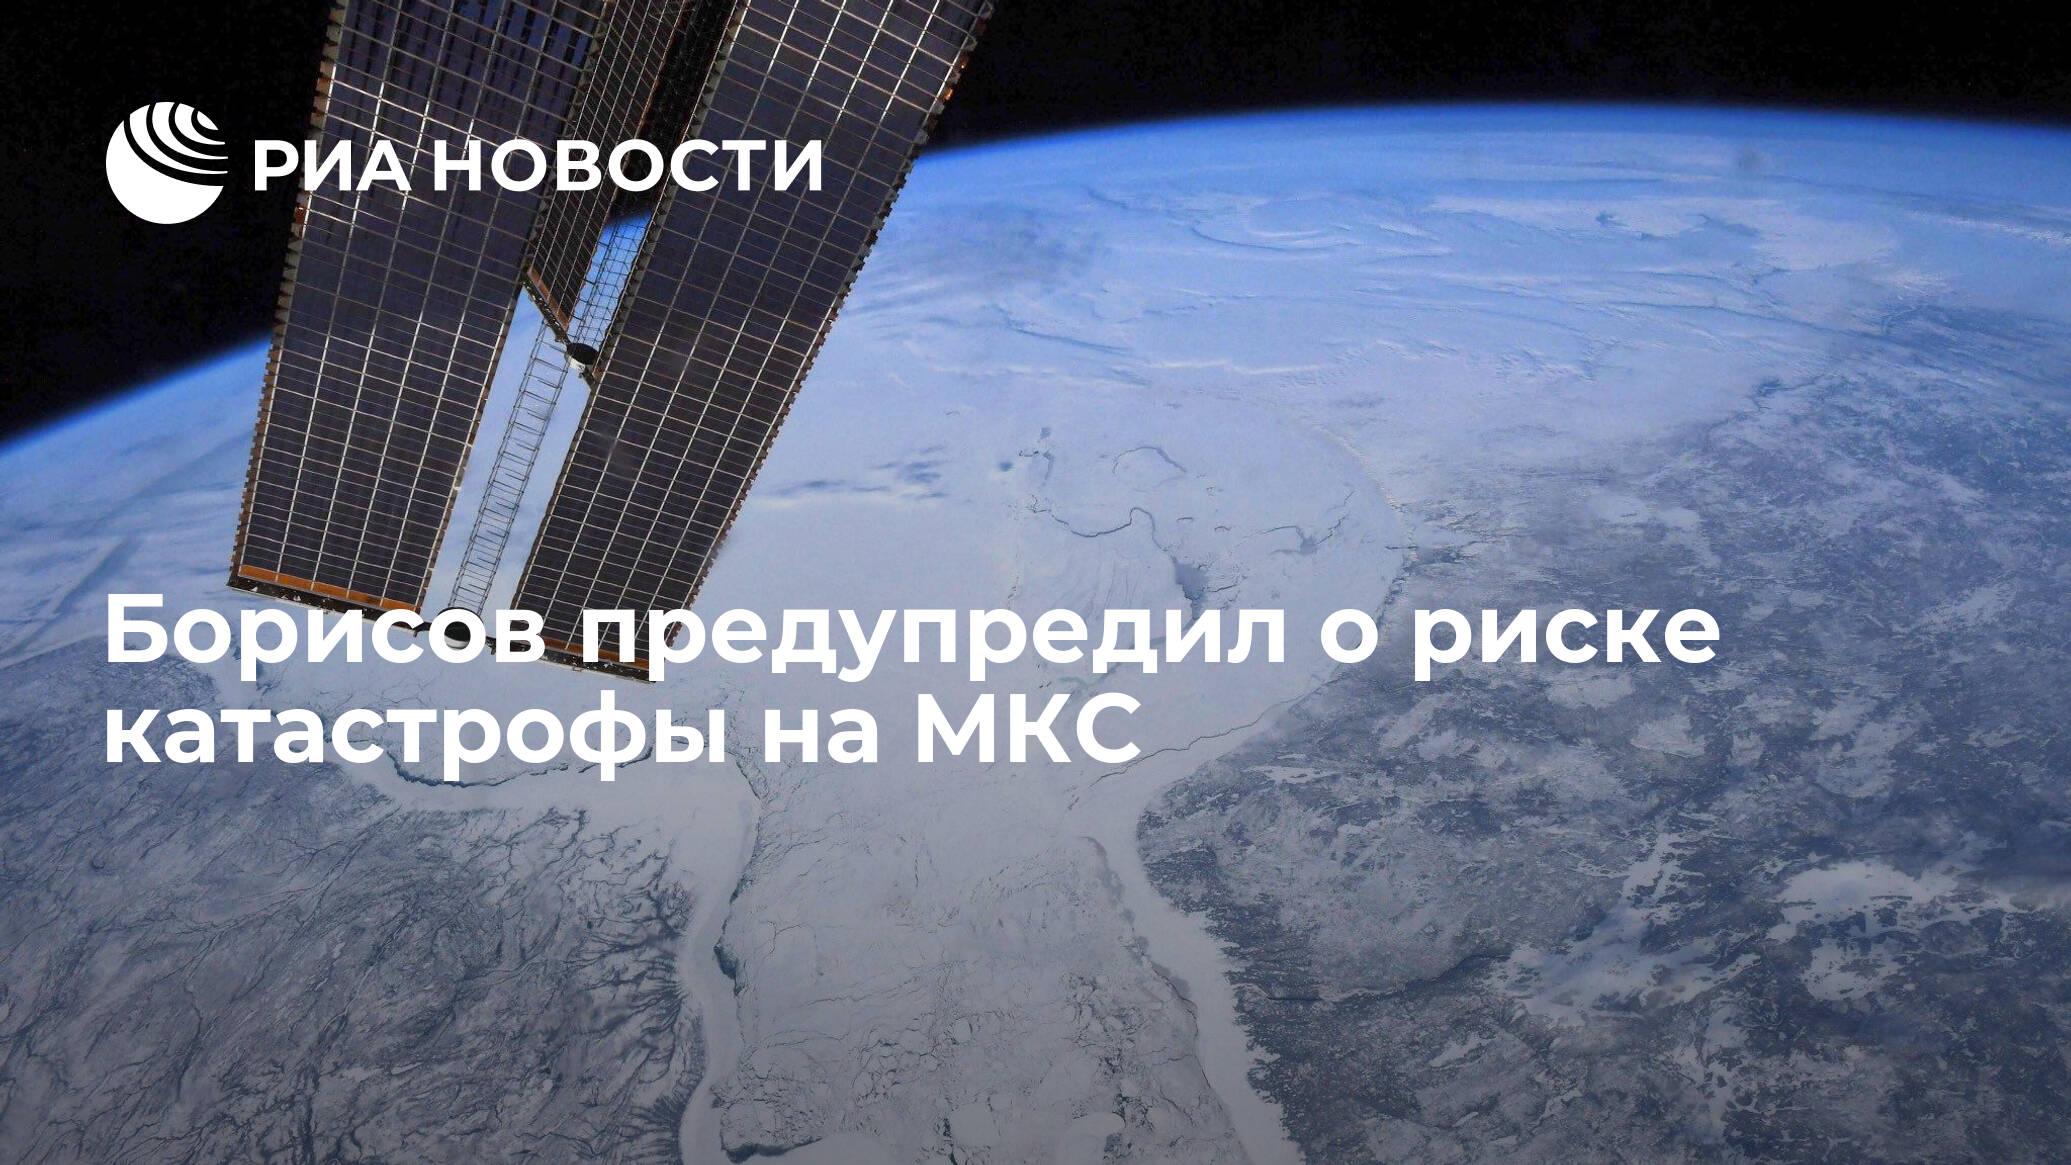 Борисов предупредил о риске катастрофы на МКС